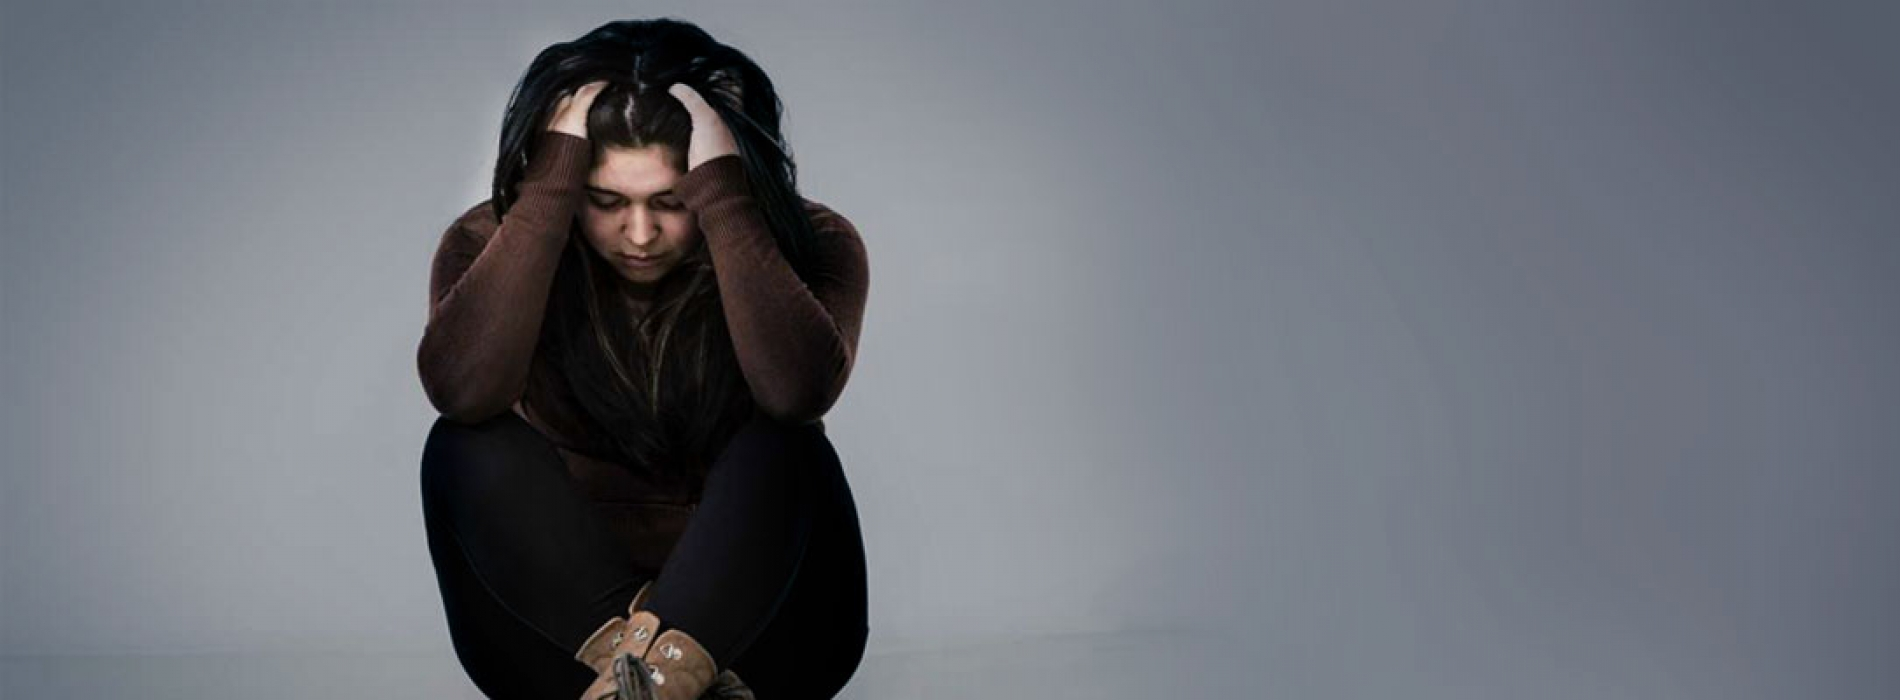 Como prevenir la violencia intrafamiliar